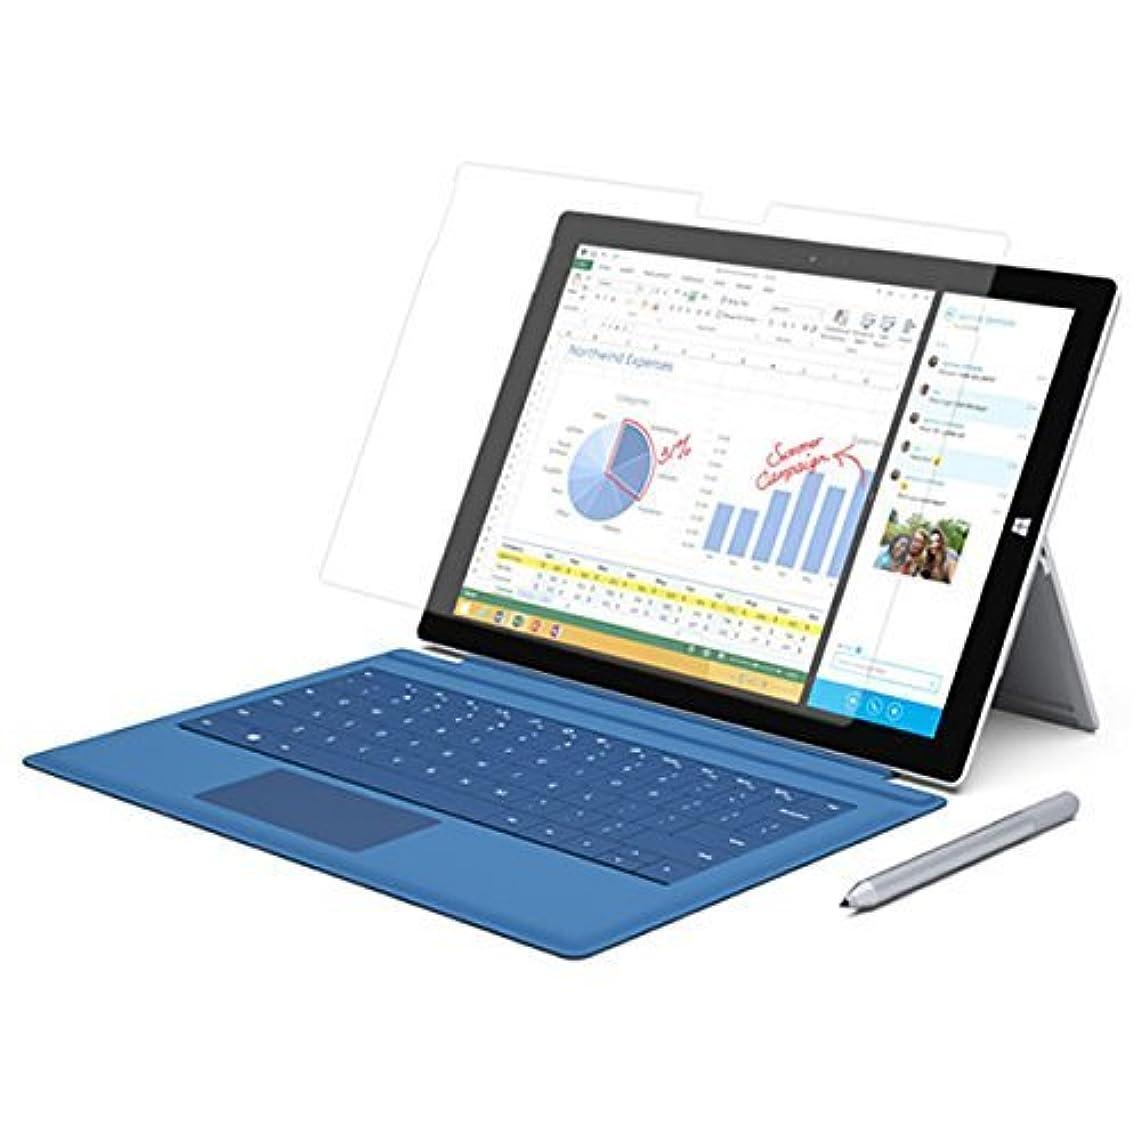 切り刻む注入するキルスMicrosoft Surface Pro 3 12インチ用【書き味向上】液晶保護フィルム ペーパーライクなペン滑り!